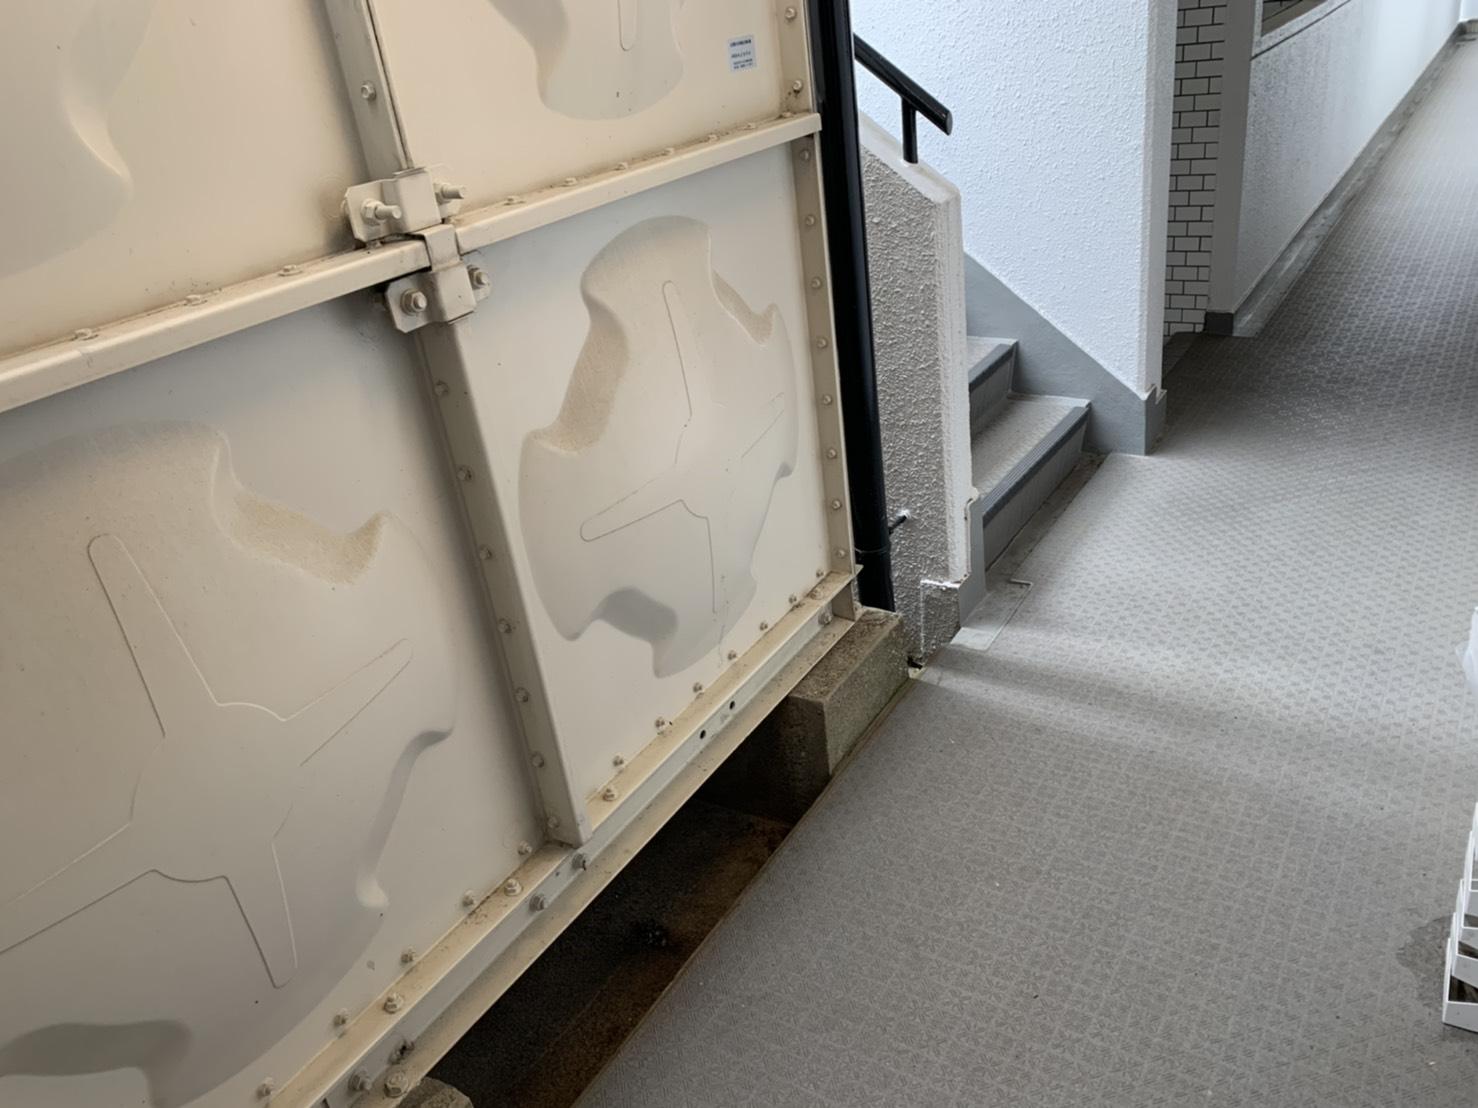 ガスコンロ、洗濯機、ローテーブル、布団の回収後